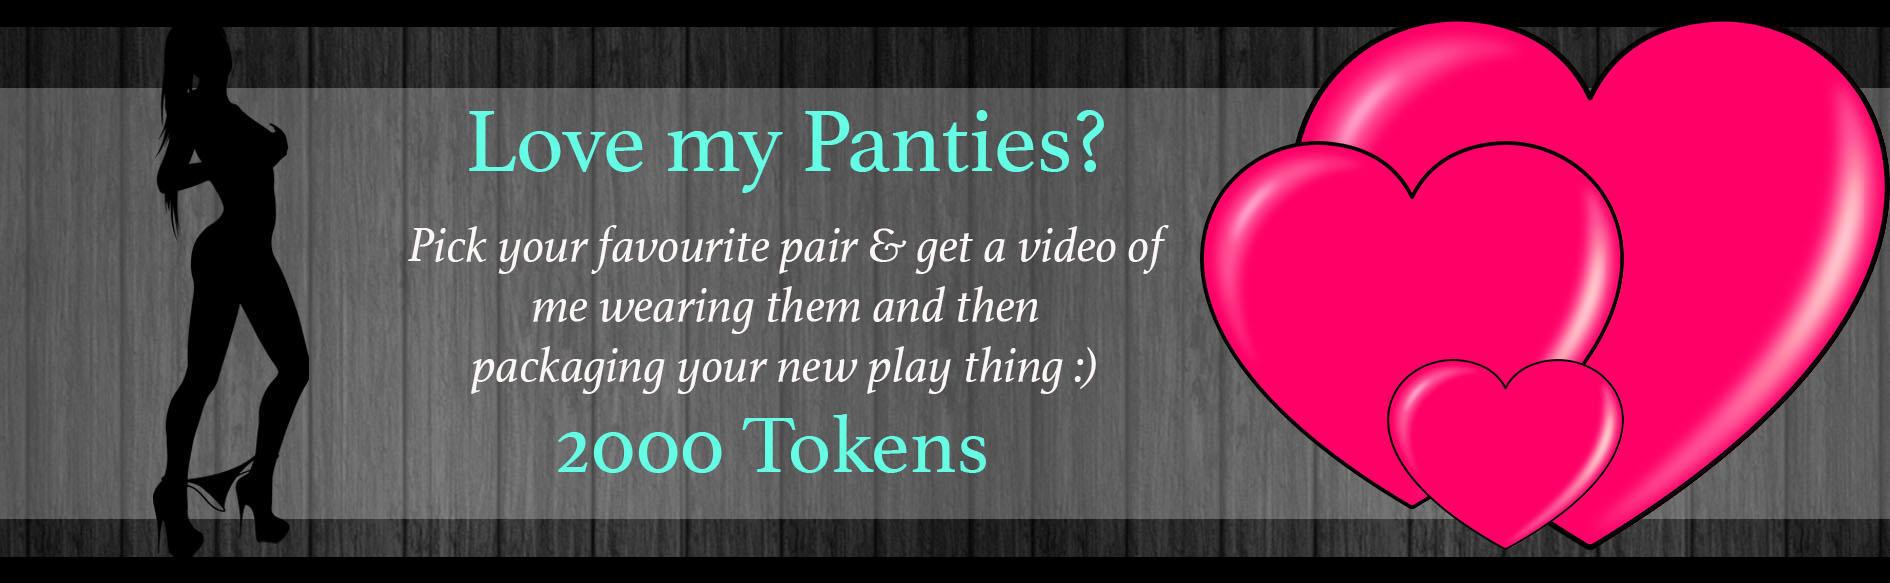 panties jess